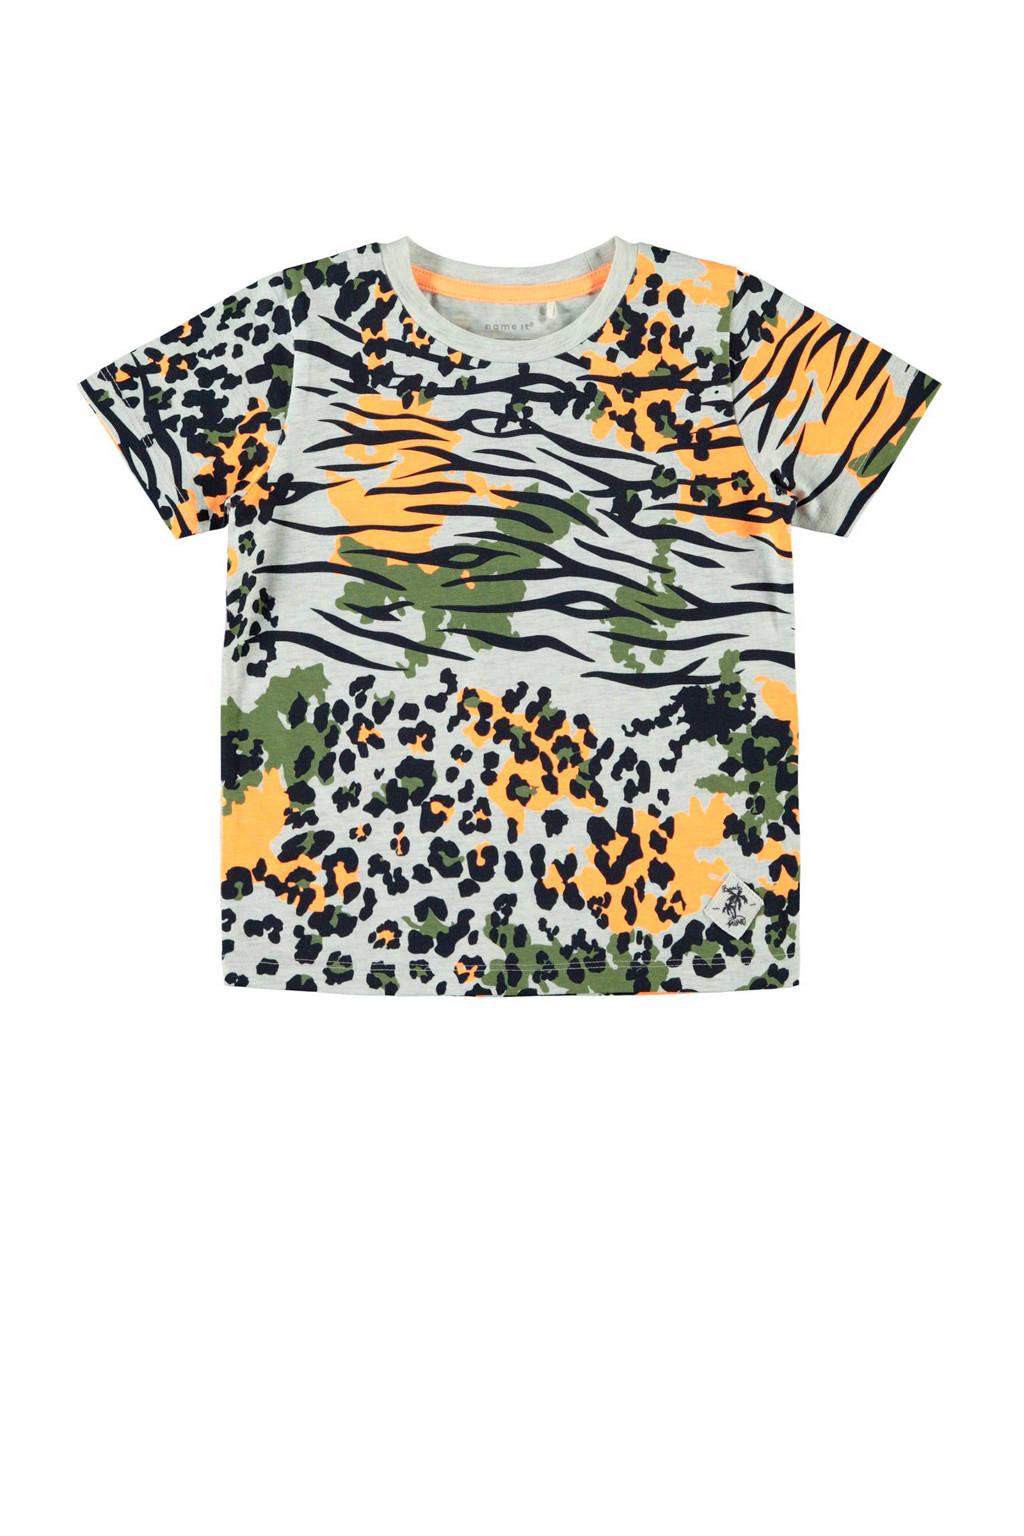 NAME IT MINI T-shirt Jax met biologisch katoen wit/zwart/oranje, Wit/zwart/oranje